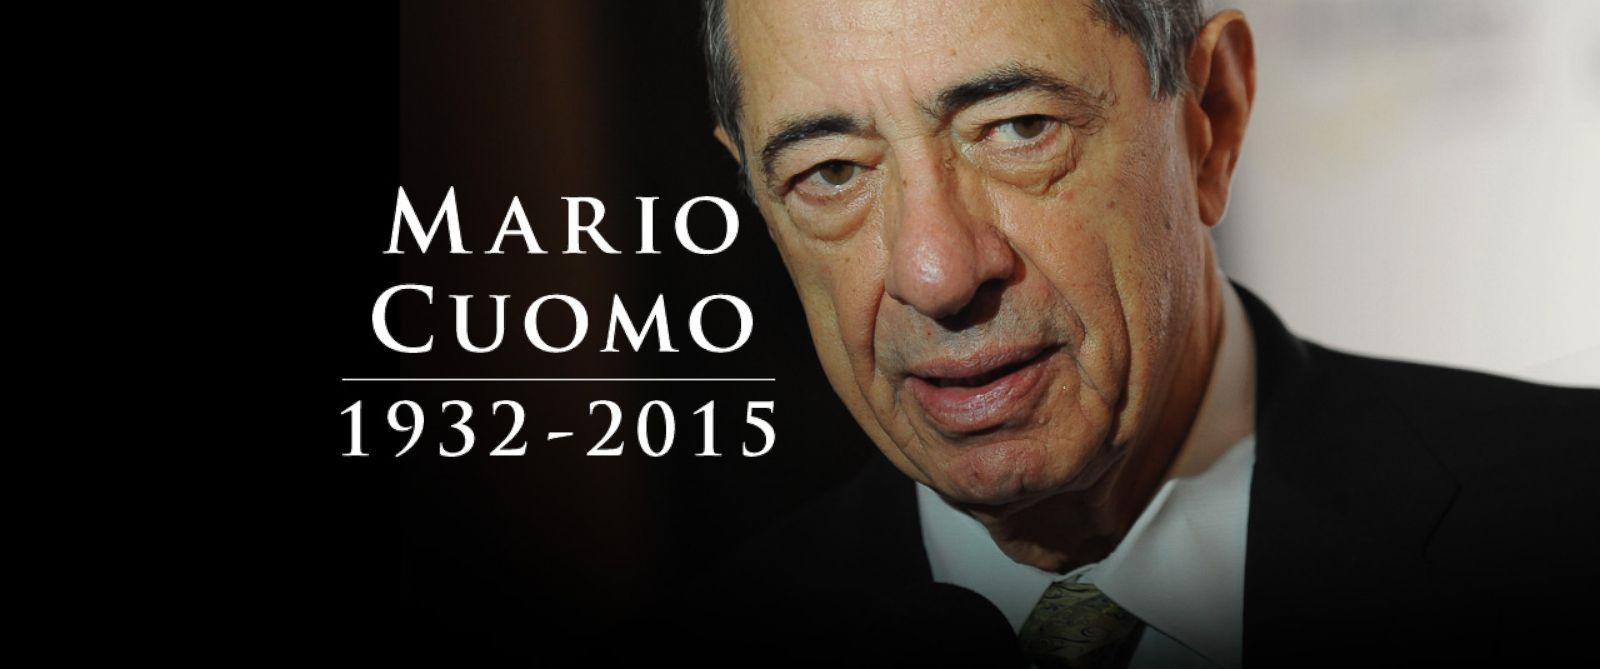 PHOTO: Mario Cuomo, 1932-2015